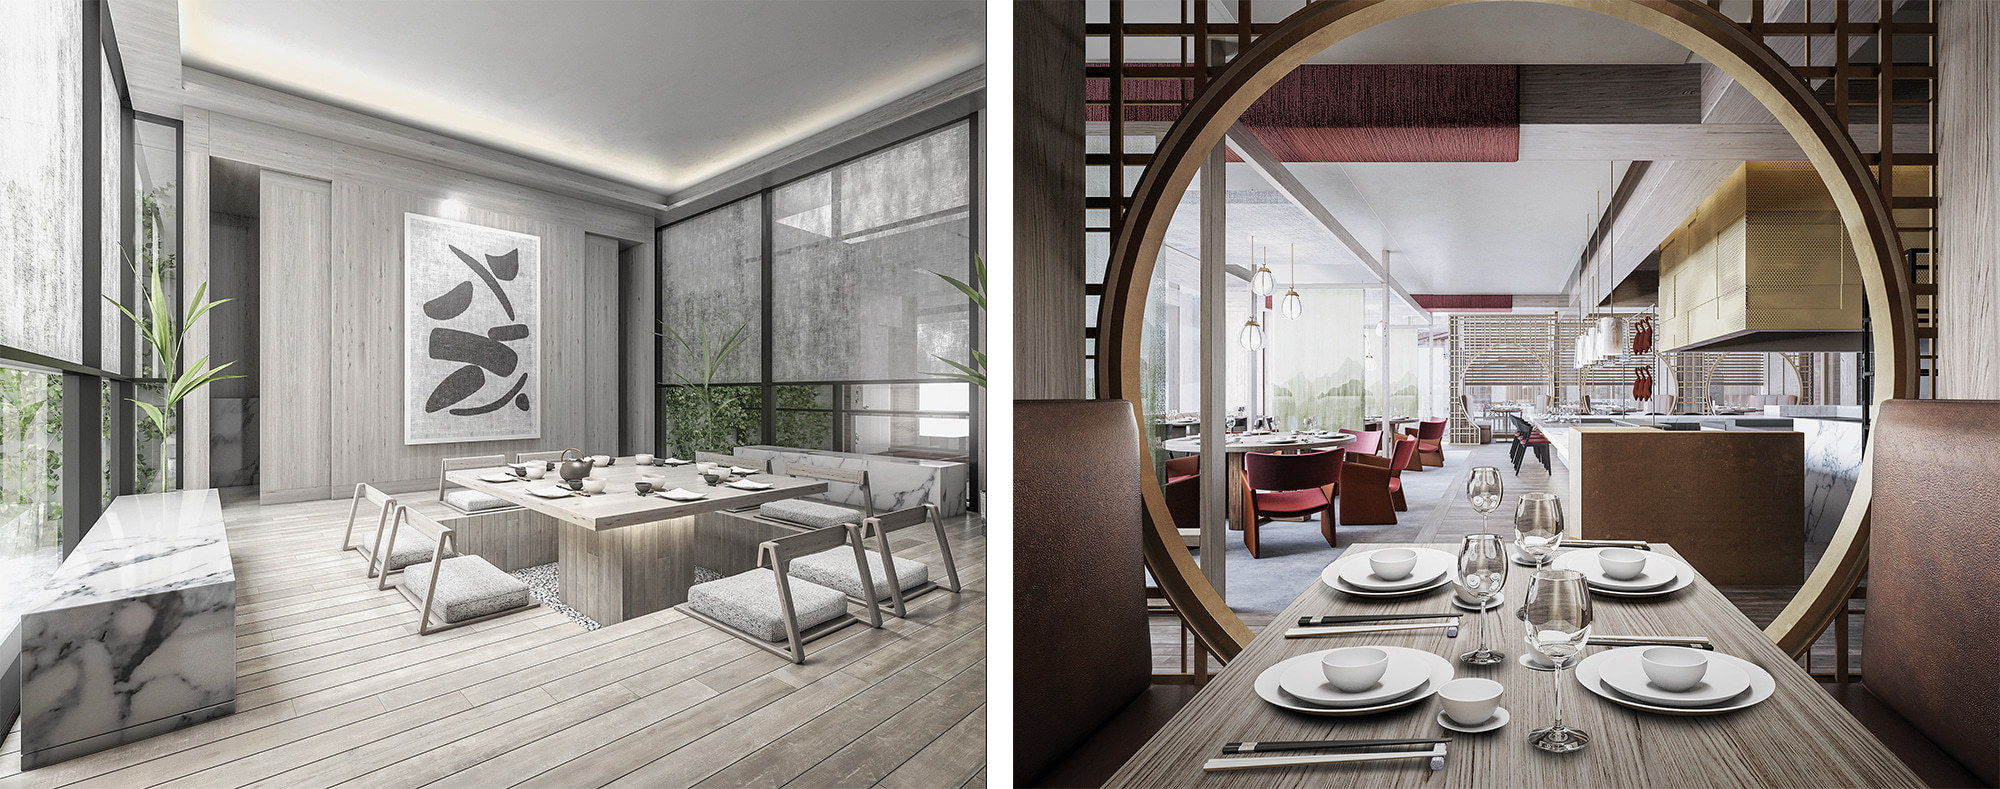 左はプライベートダイニングルームのNiwa。右は中国料理のChina Kitchen。 ミシュラン3ツ星のフレンチや鮨、炉端焼きやチャイニーズなど、11のレストランやラウンジで北海道の新鮮な食材を使った美食が堪能できる。